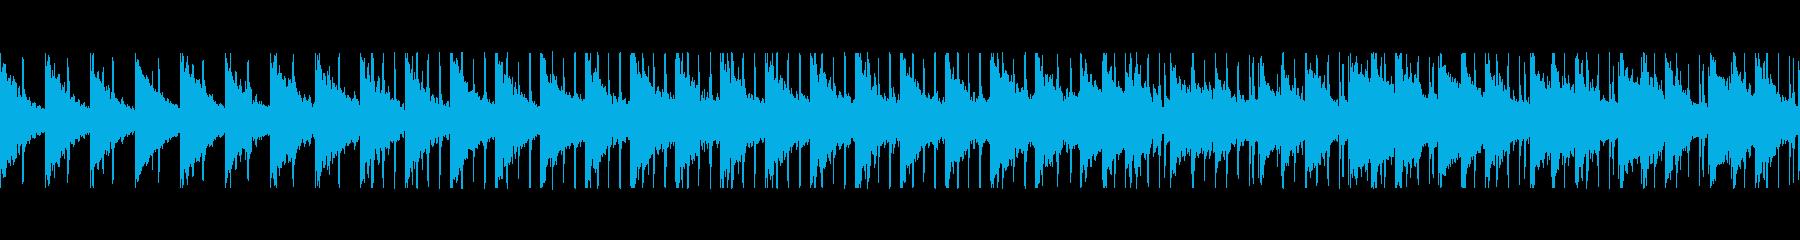 まったり、まろやか。 落ち着いたループ曲の再生済みの波形